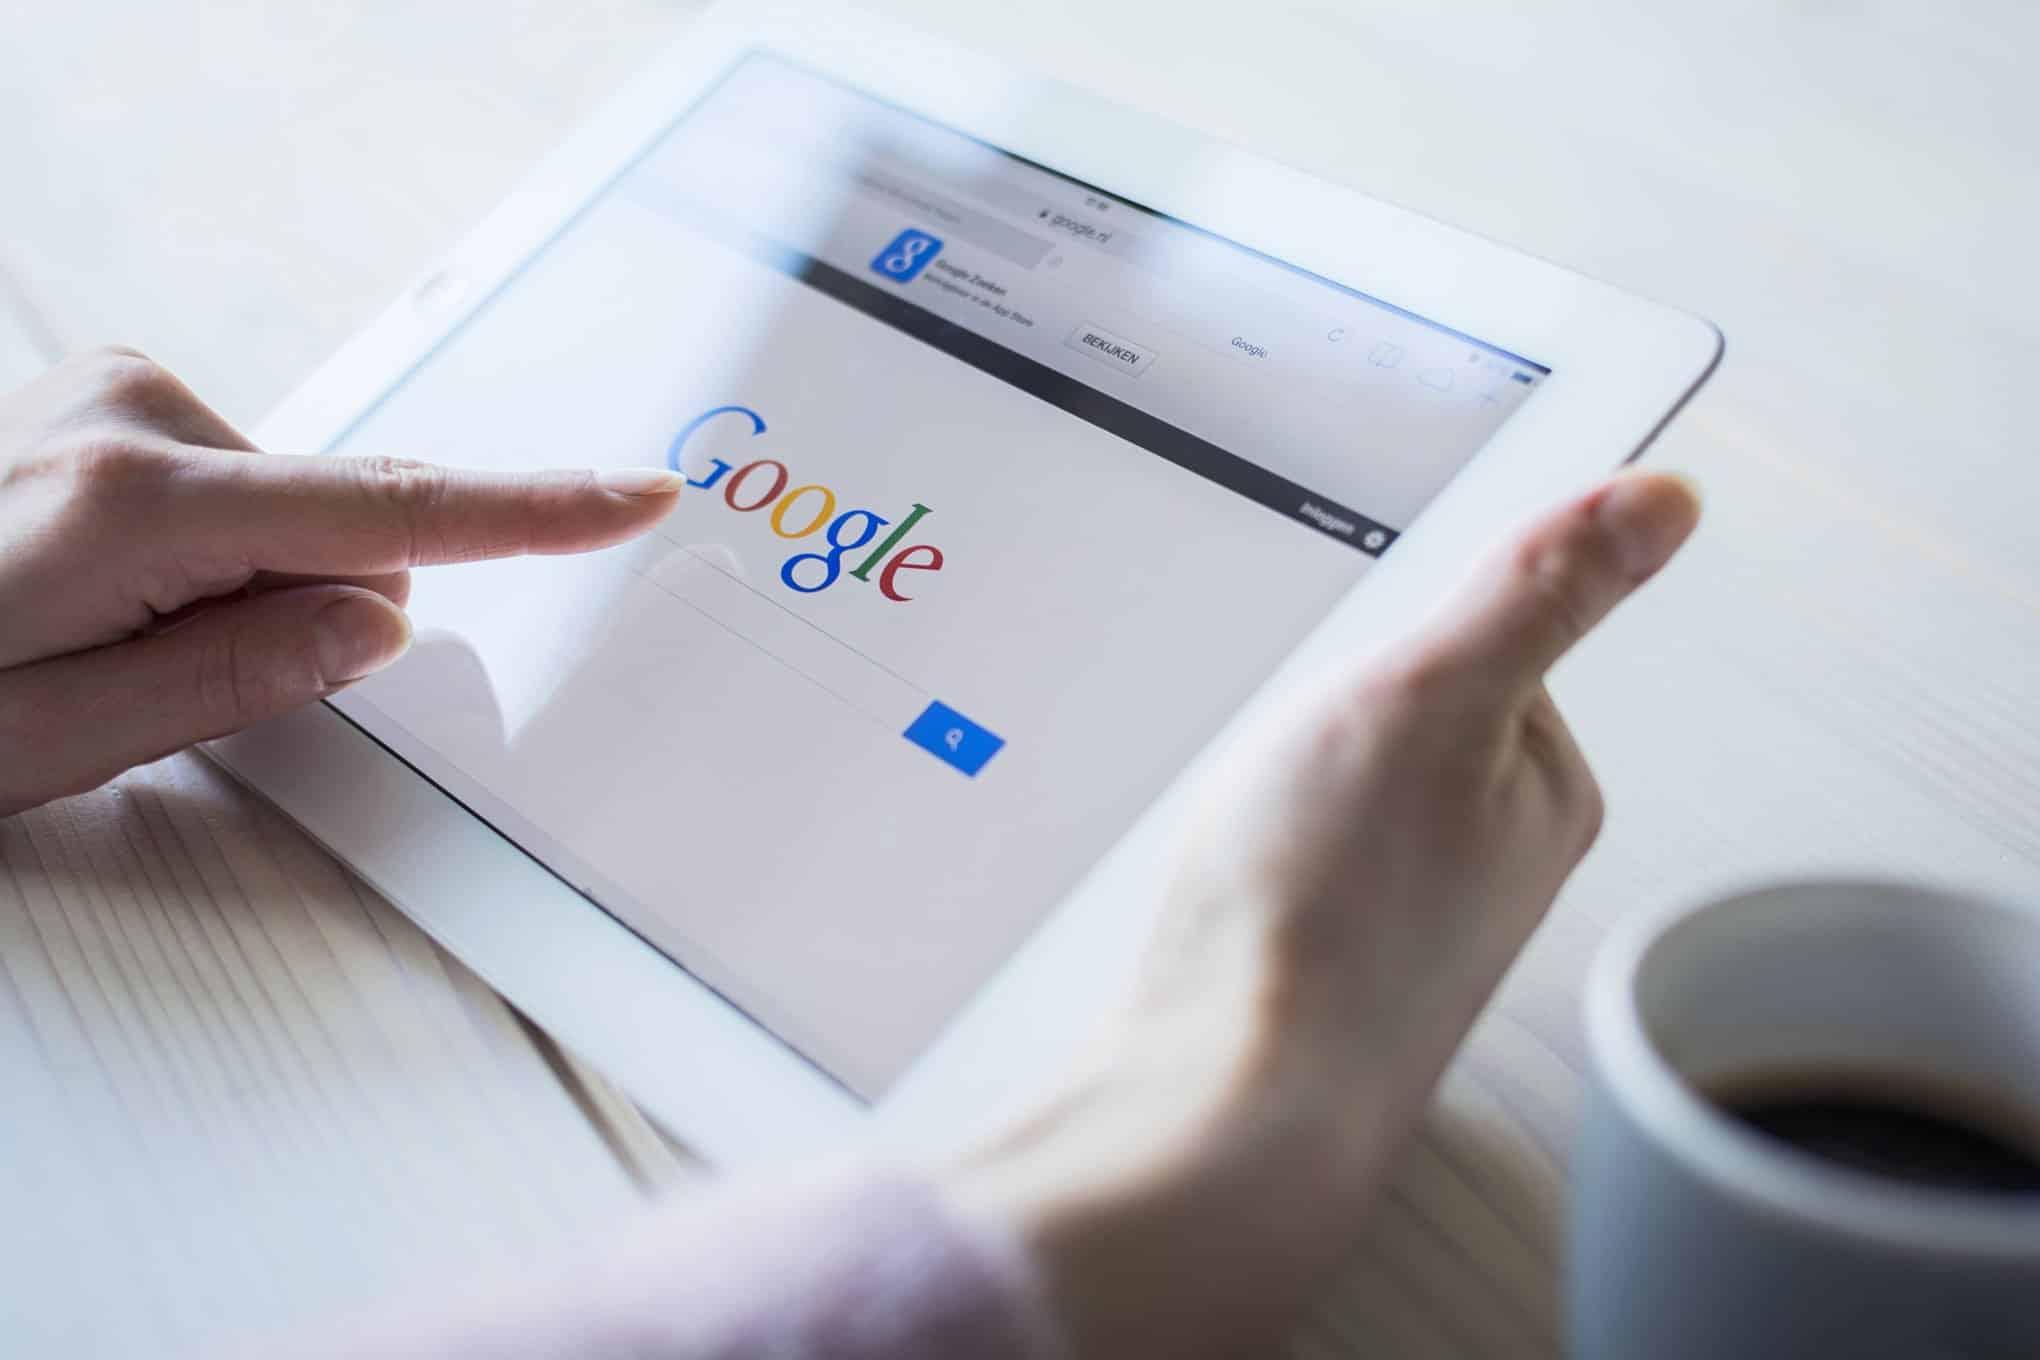 Devenez visible sur Google grâce à Kreatic, agence web située à 15 minutes de Lille